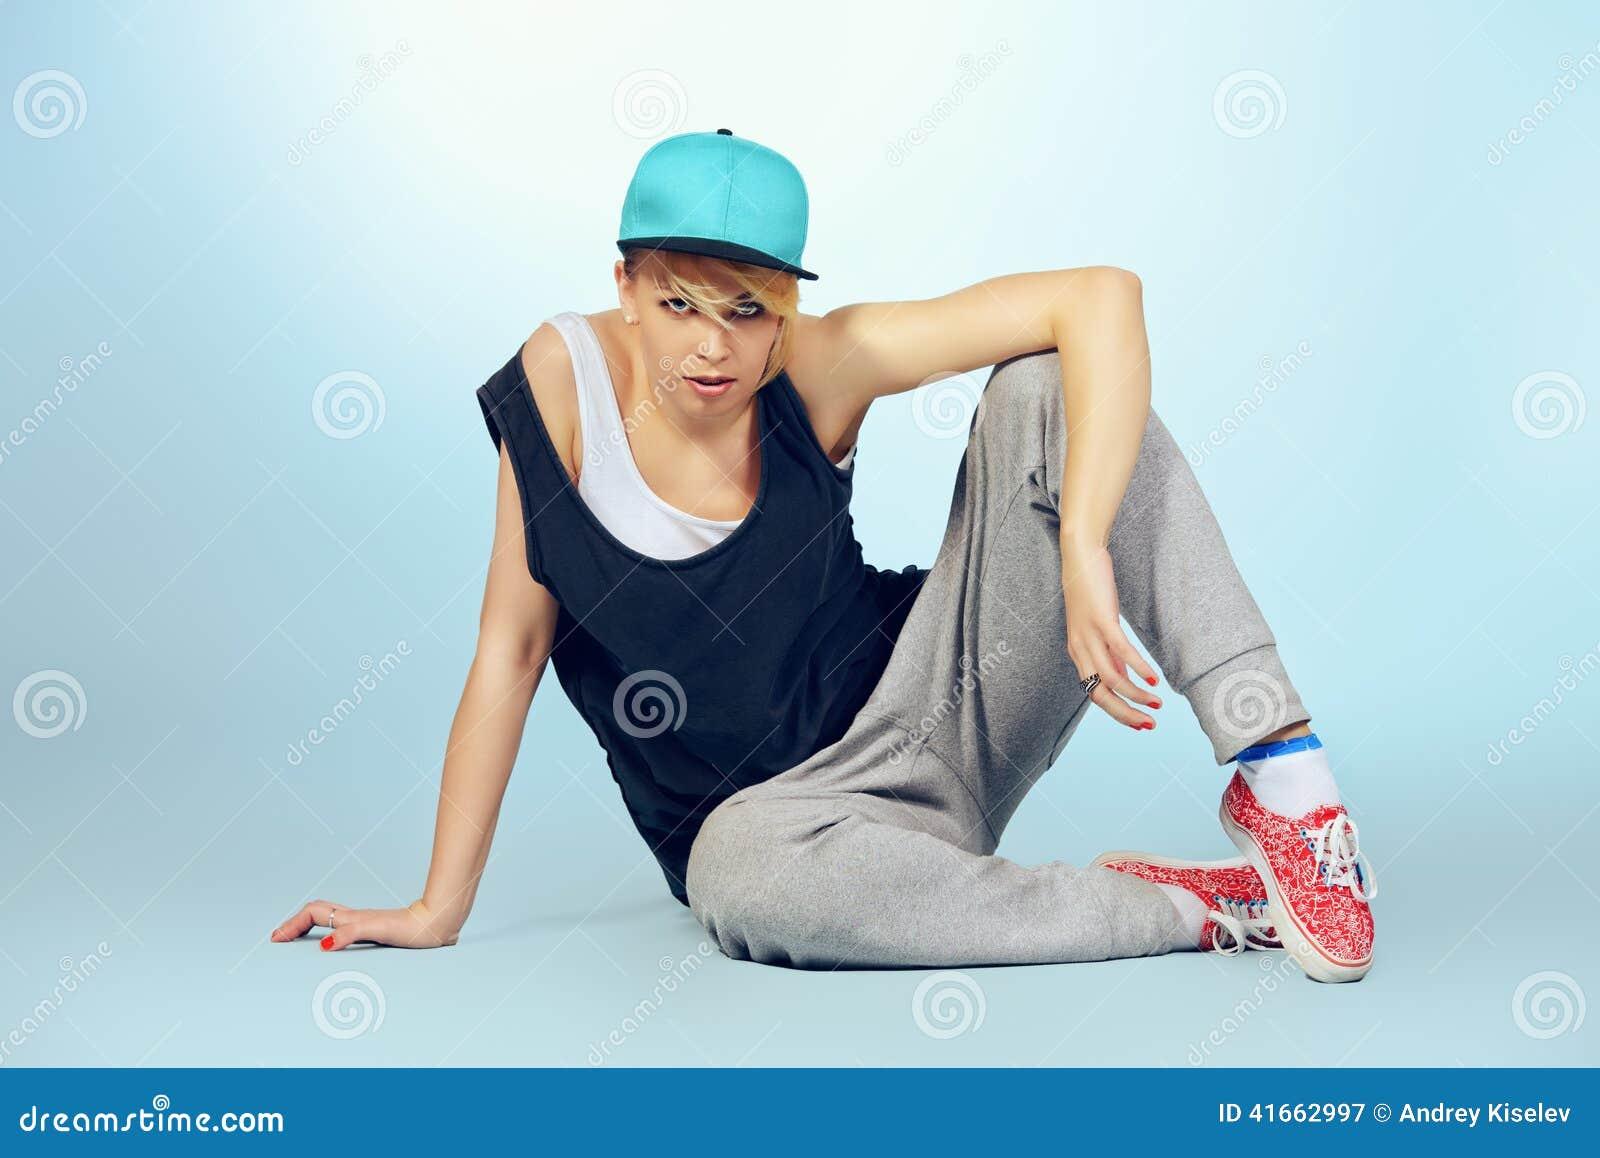 Профессиональный танцор